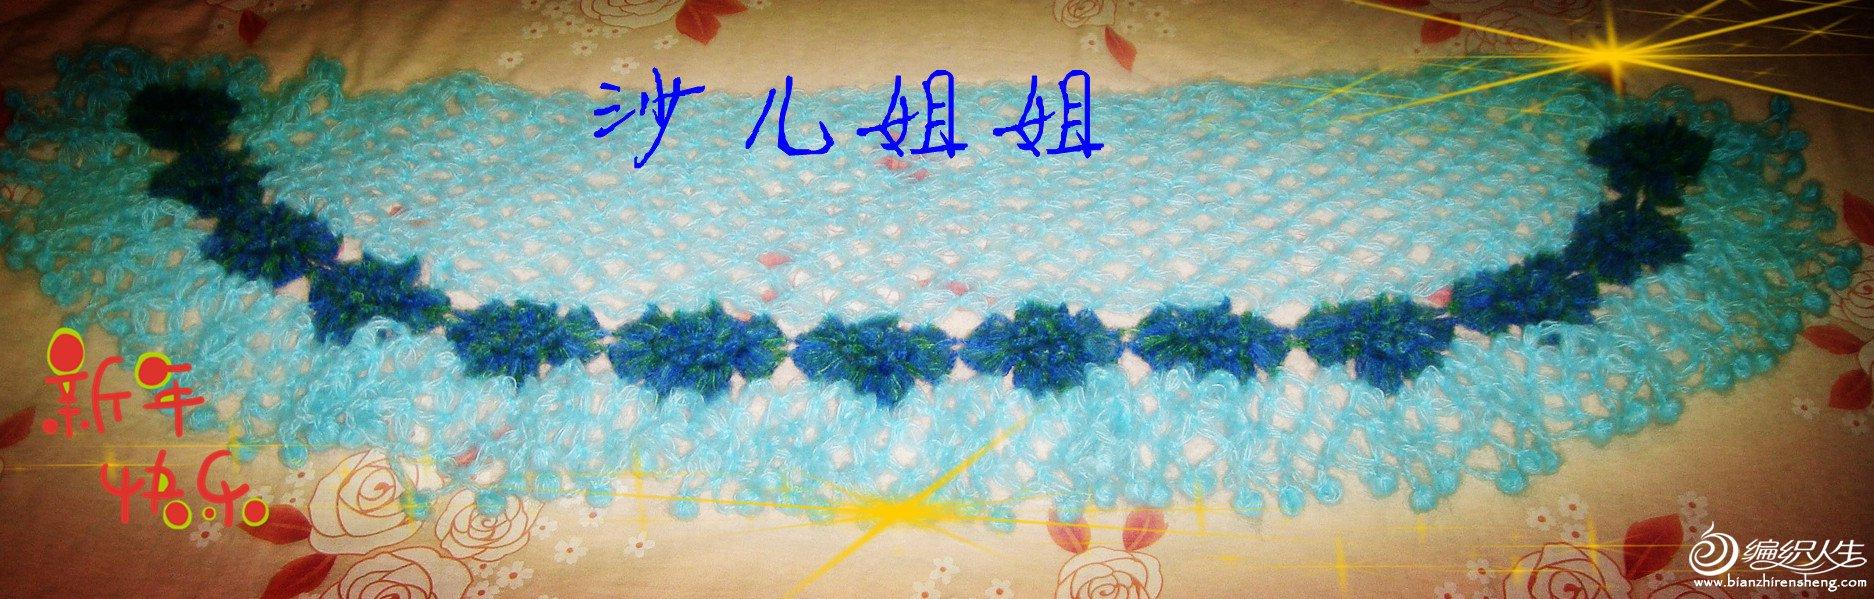 DSC06900_副本巾2.jpg